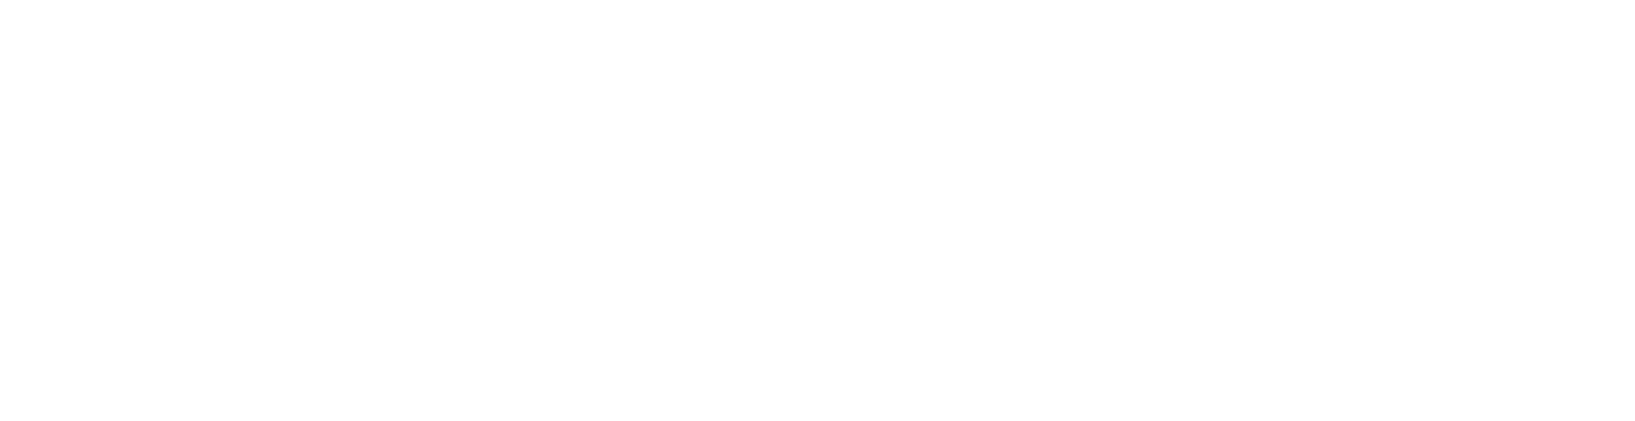 Rytm i Melodia